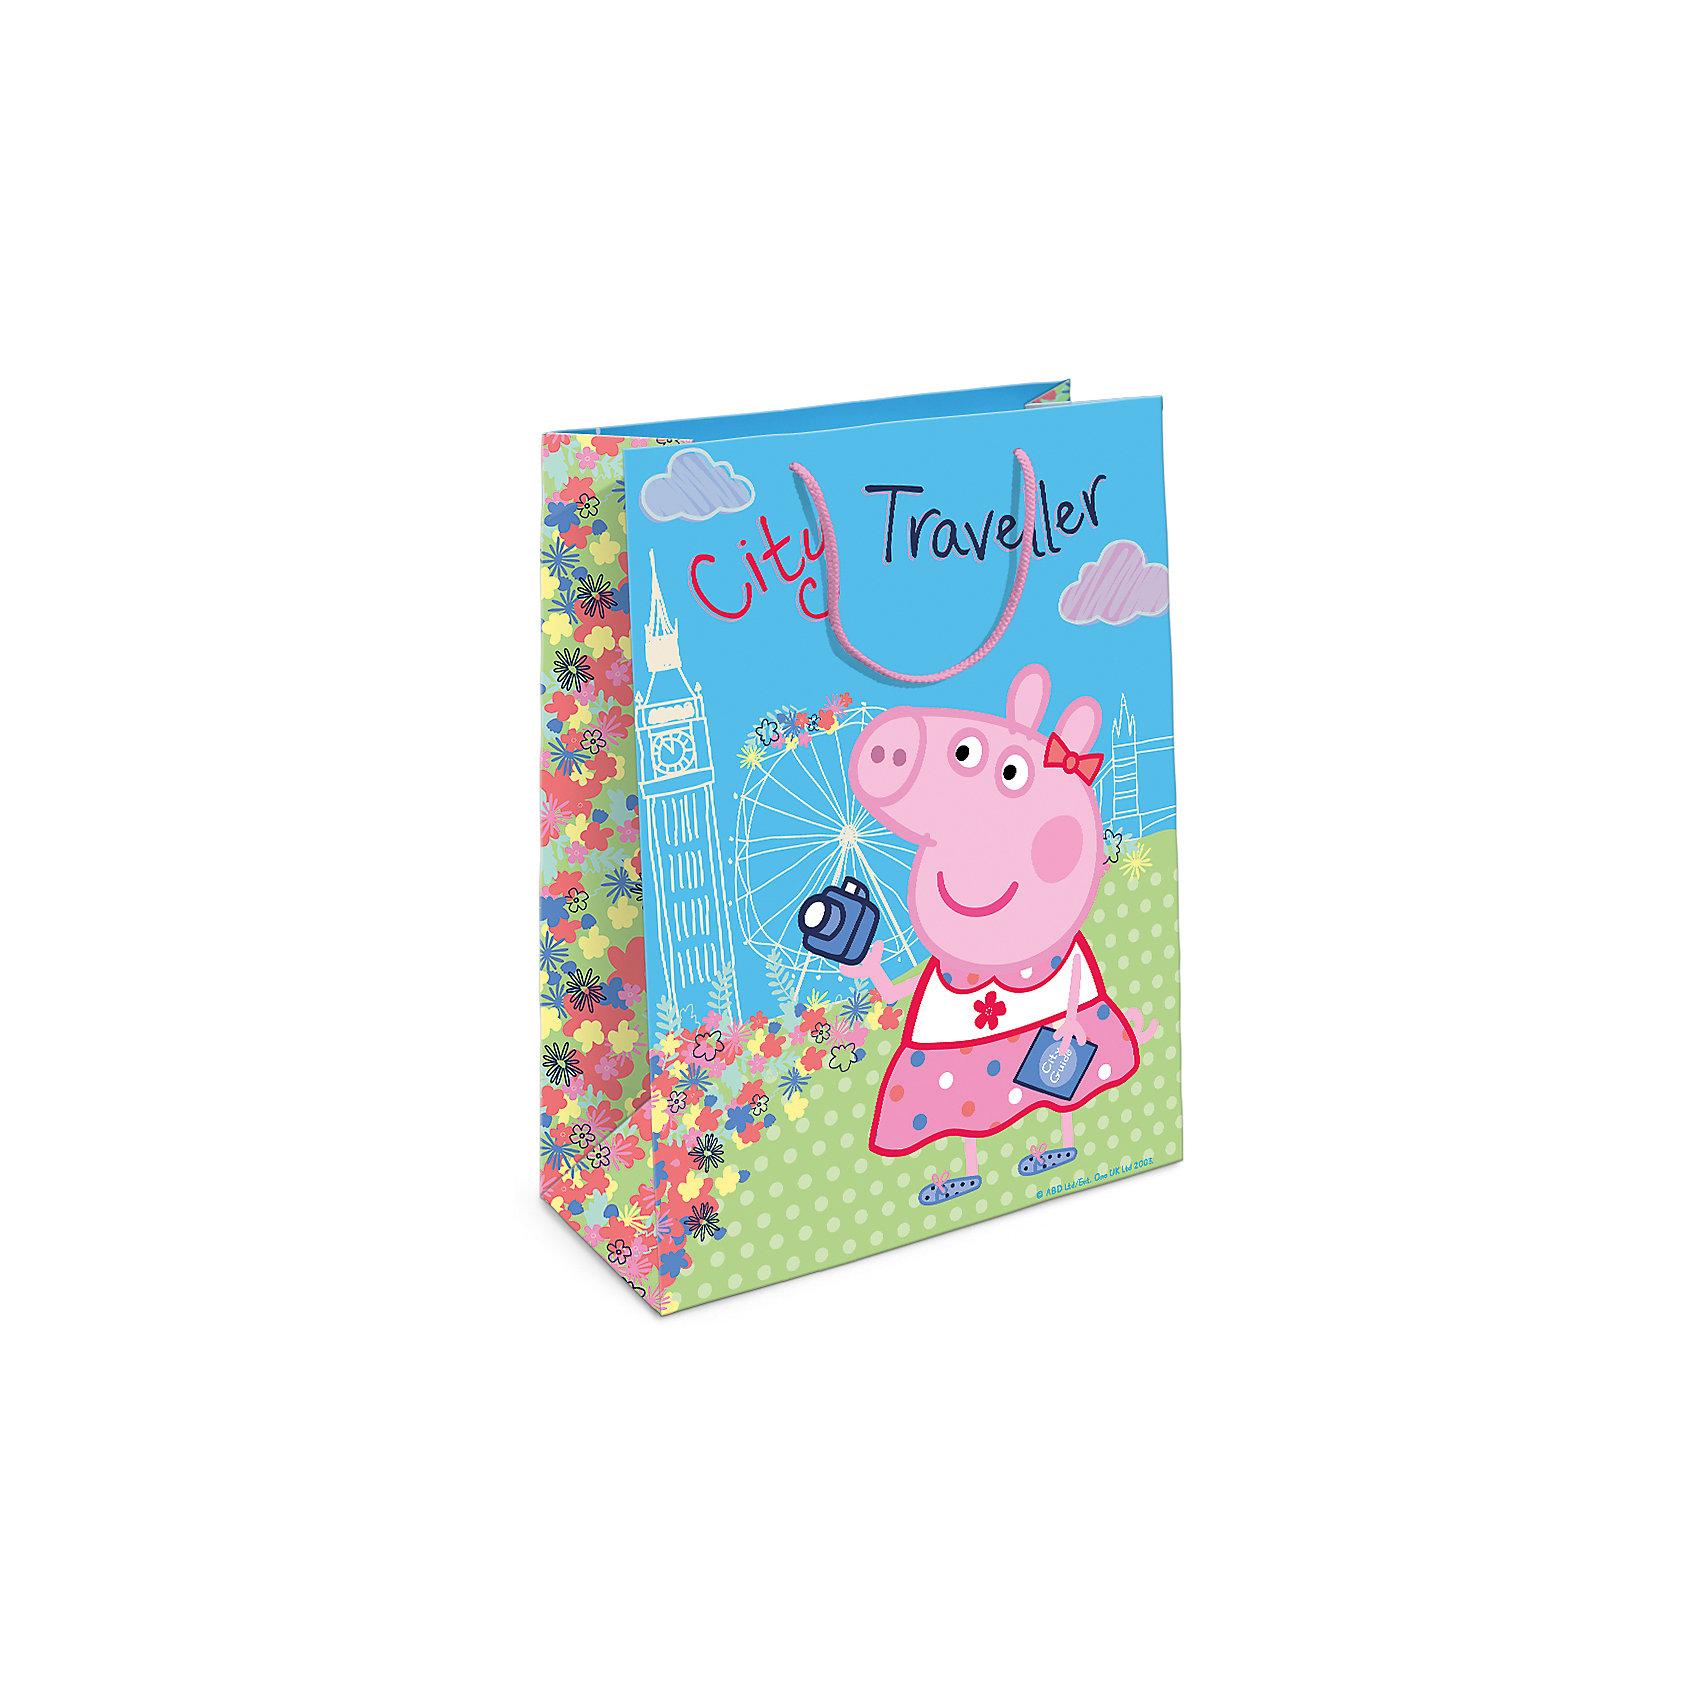 Пакет подарочный  Пеппа на каникулах, 35*25*9Подарочный бумажный пакет «Пеппа на каникулах» с веселыми и забавными героями мультфильма «Свинка Пеппа» очаровательно украсит подарок и обязательно порадует малыша. Размер: 35х25х9 см. В ассортименте вы также сможете найти такой же пакет размером 23х18х10 см.<br><br>Ширина мм: 350<br>Глубина мм: 250<br>Высота мм: 5<br>Вес г: 61<br>Возраст от месяцев: 144<br>Возраст до месяцев: 120<br>Пол: Унисекс<br>Возраст: Детский<br>SKU: 5016448